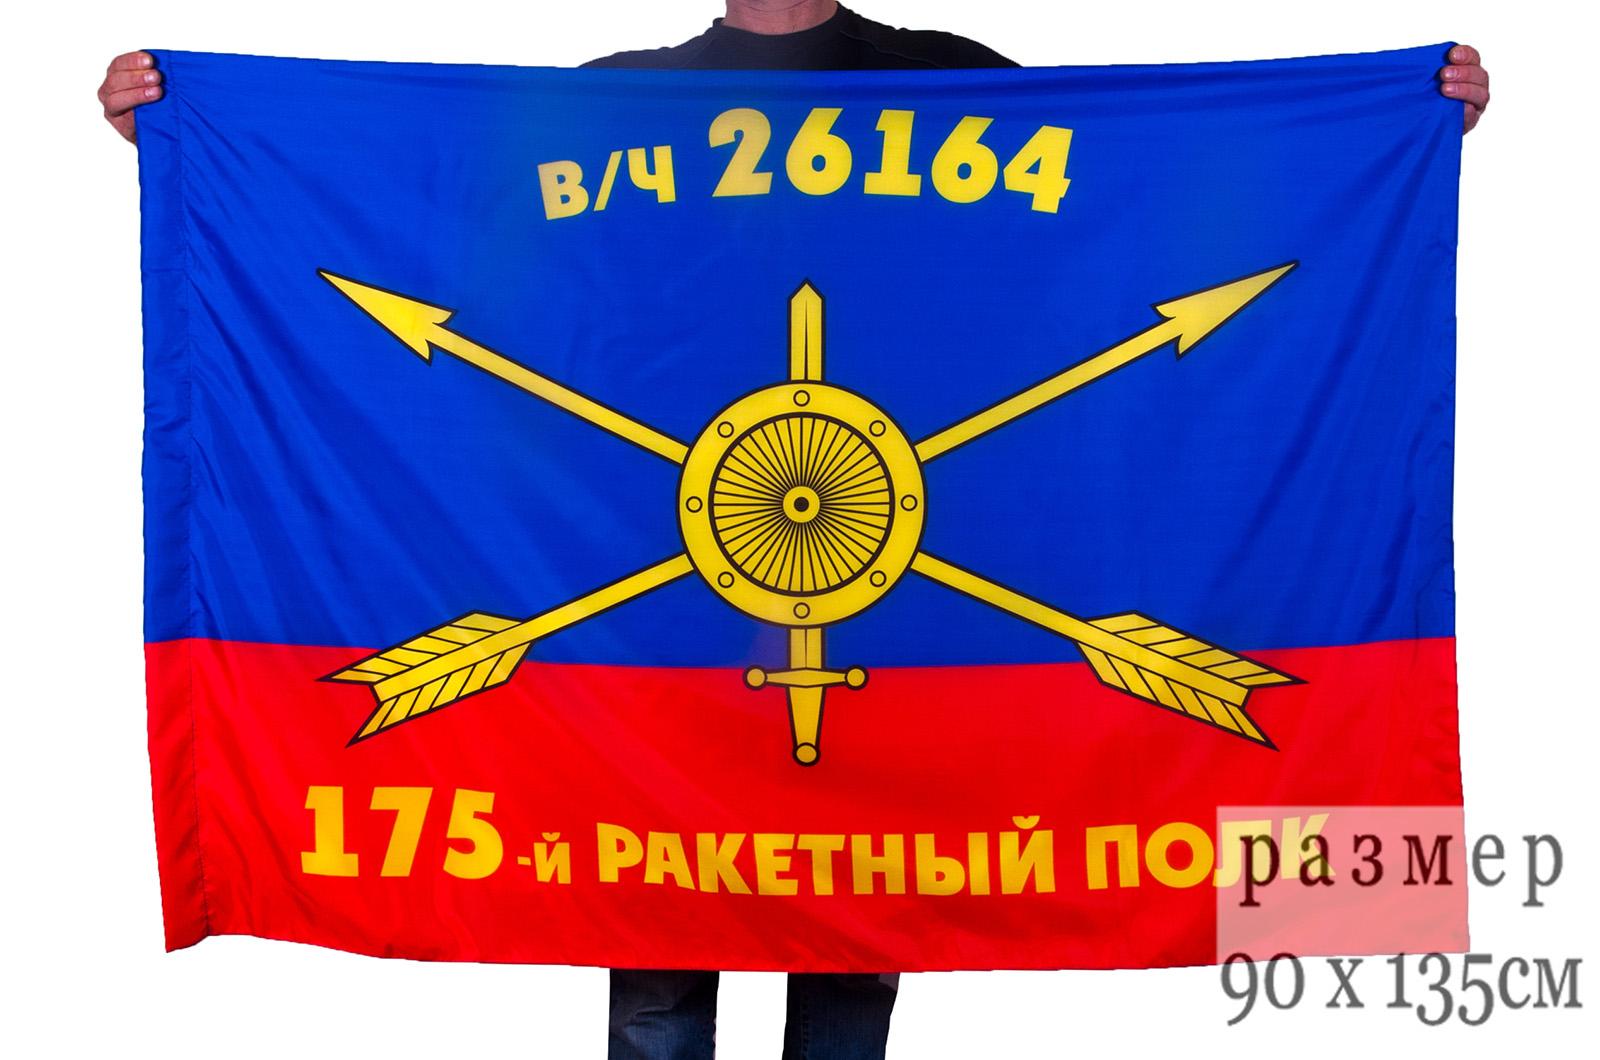 """Флаг РВСН """"175-й ракетный полк в/ч 26164"""""""